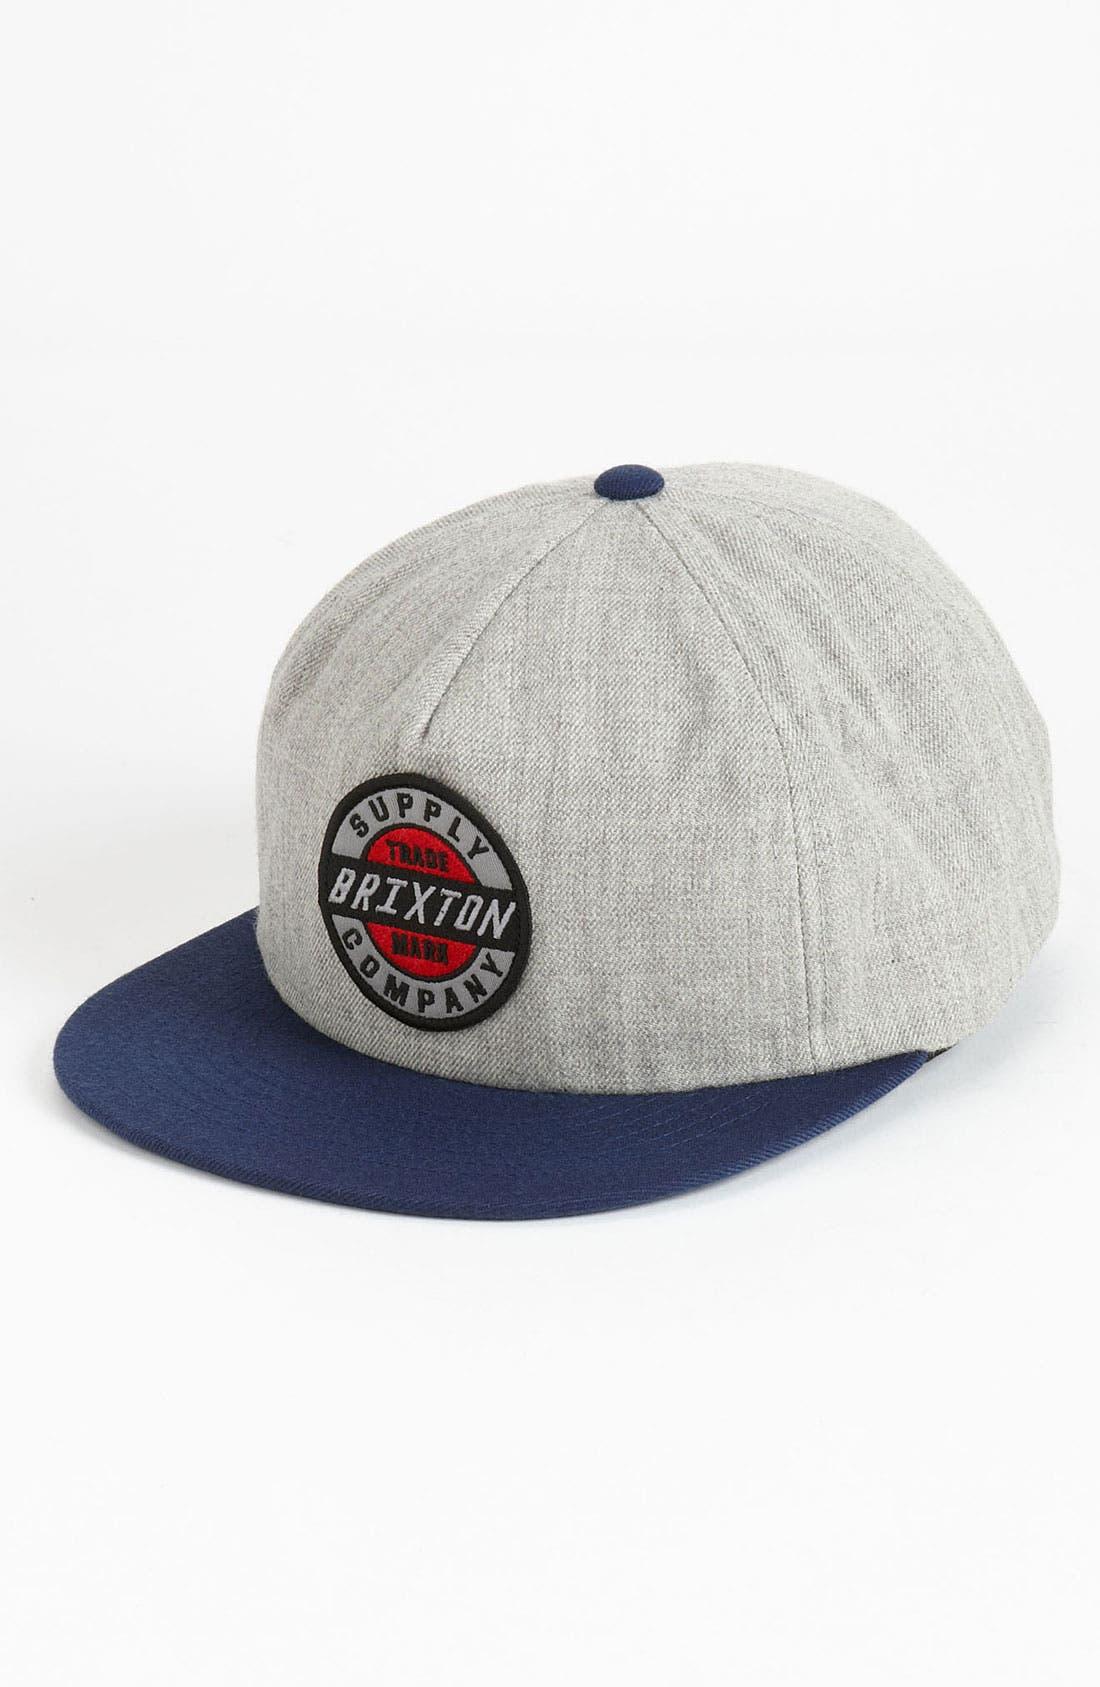 Main Image - Brixton 'Council' Snapback Baseball Cap